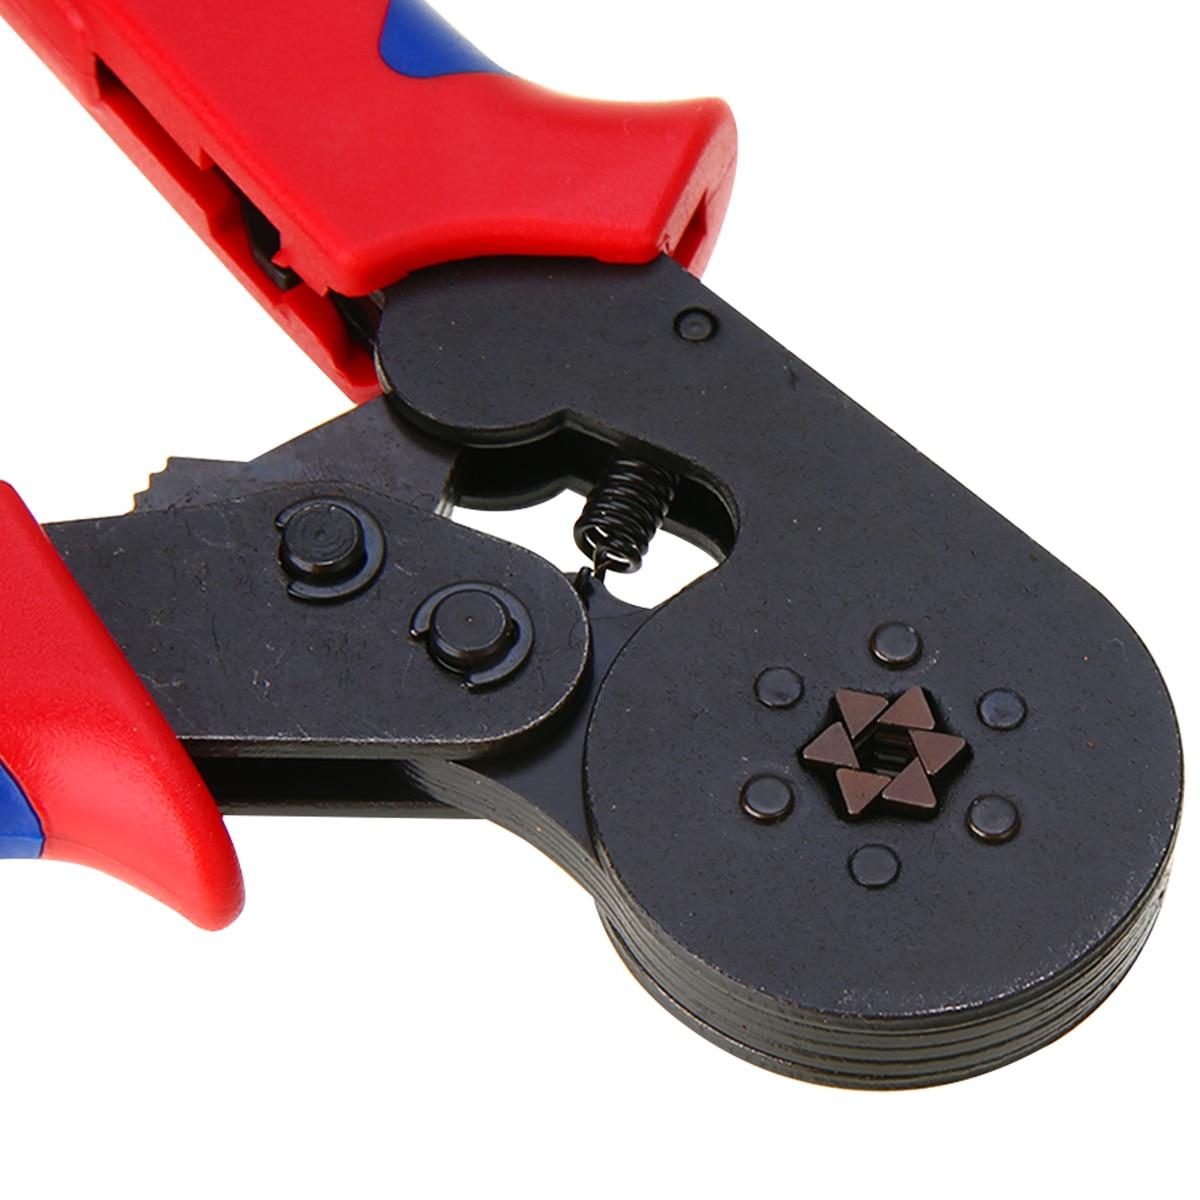 Six Mandrel Ratchet Ferrule Crimper Plier HSC8 6-6 Crimp AWG23-10 Wire Connector